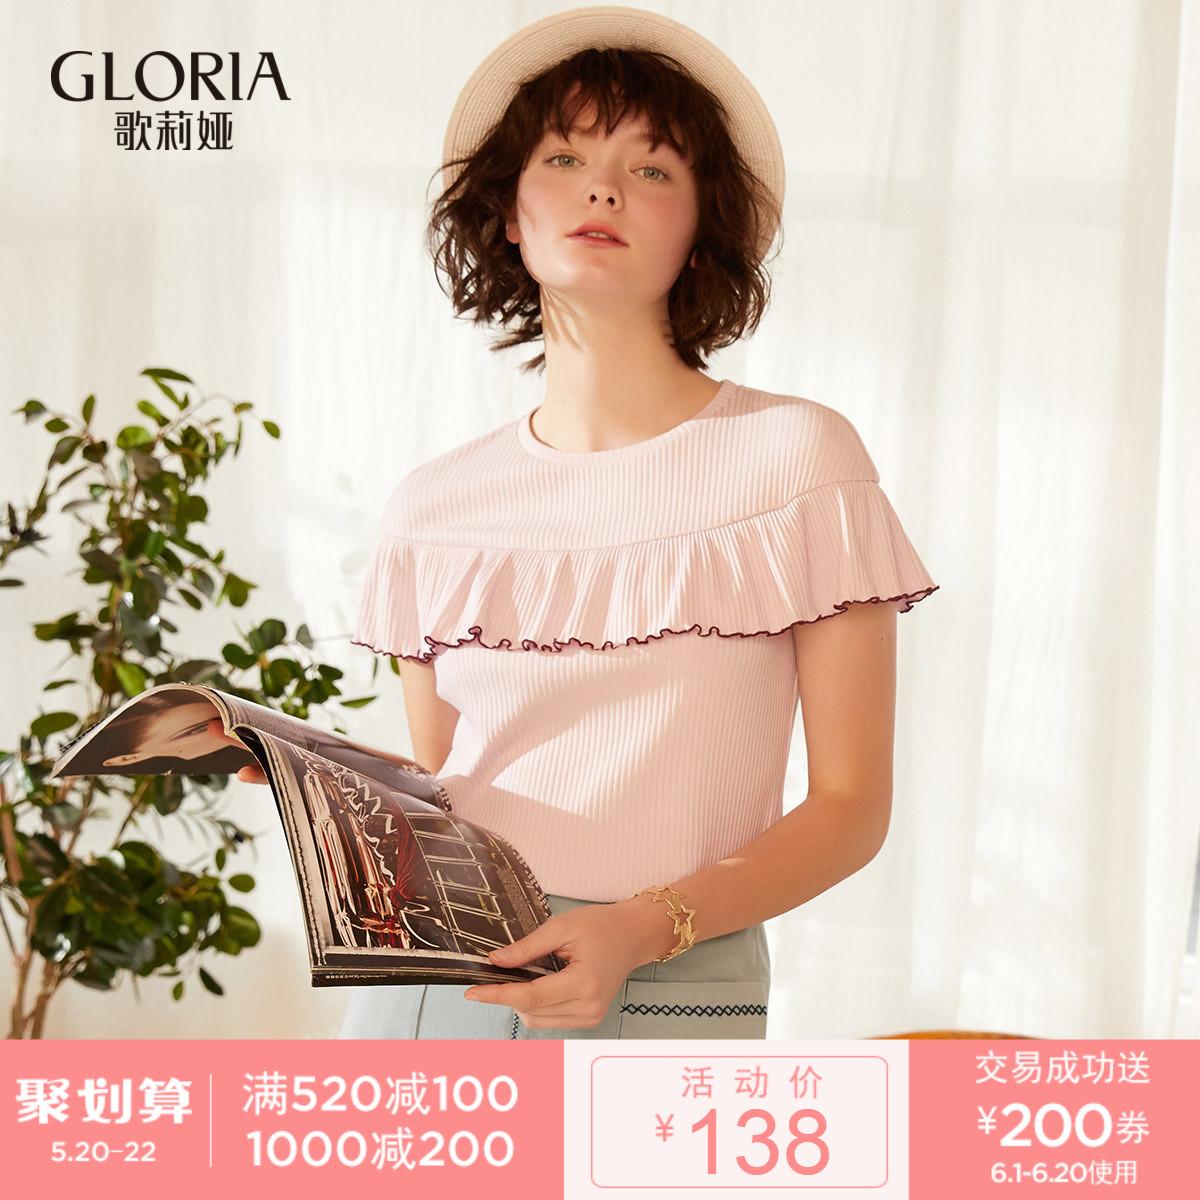 歌莉娅女装 GLORIA歌莉娅2018新T恤木耳撞色线上衣185E0B240_推荐淘宝好看的歌莉娅